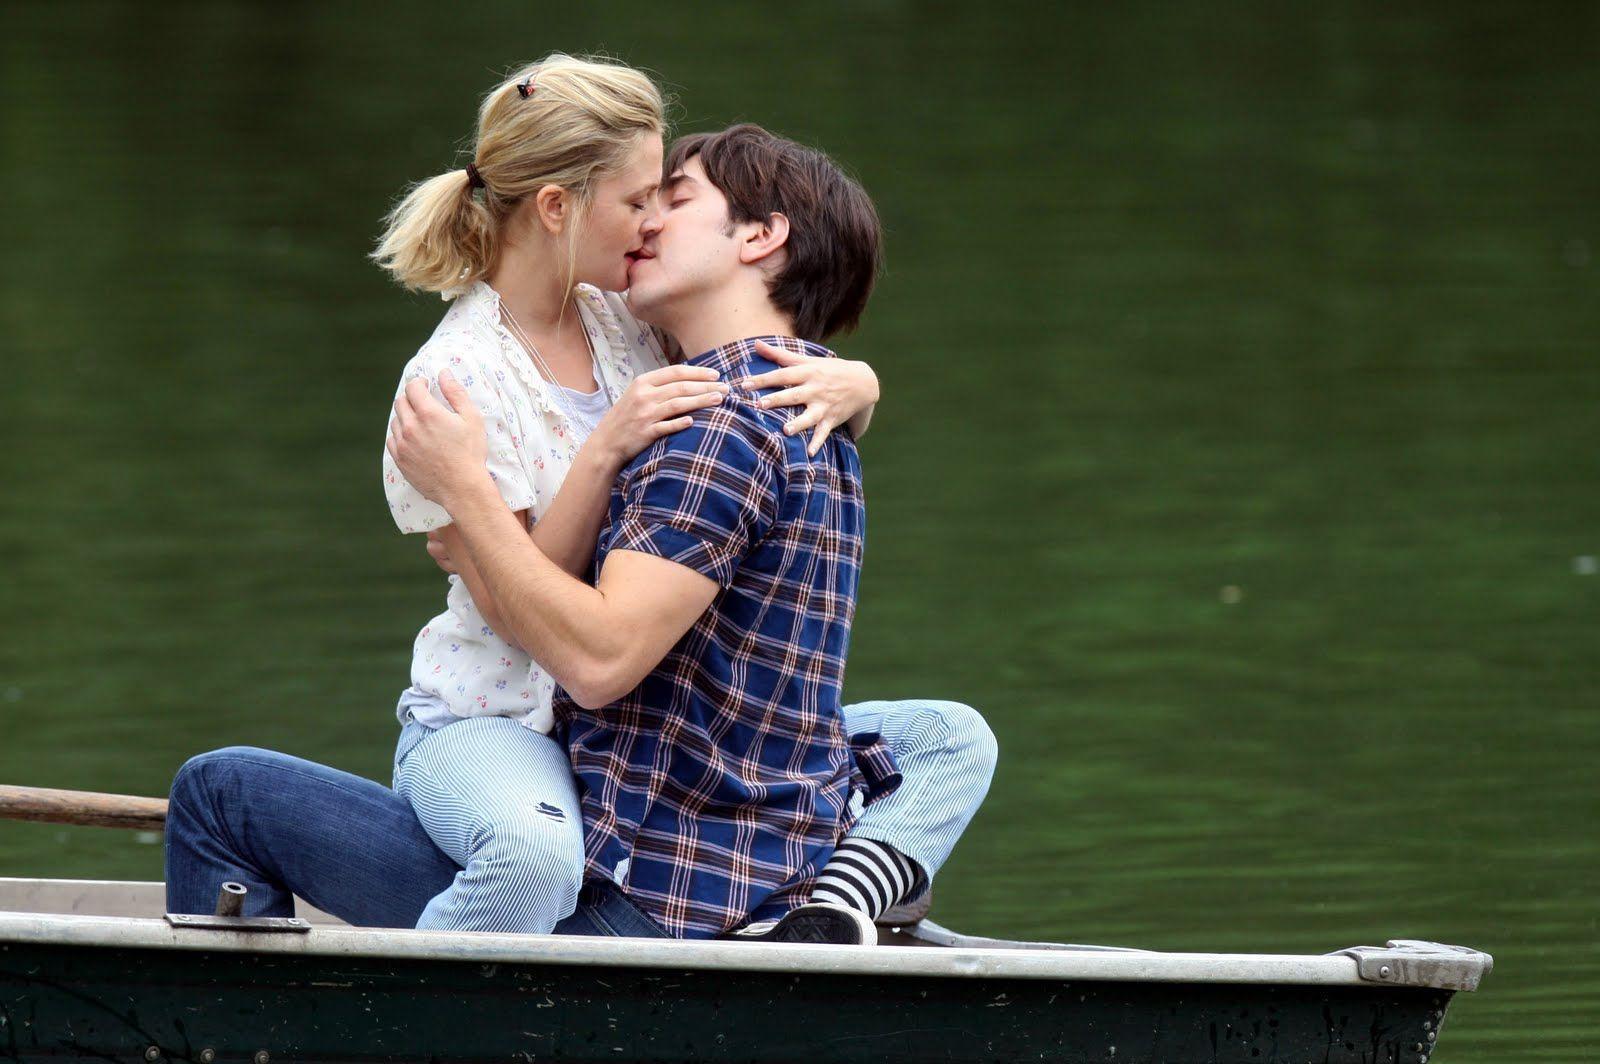 Kiss girl and boy